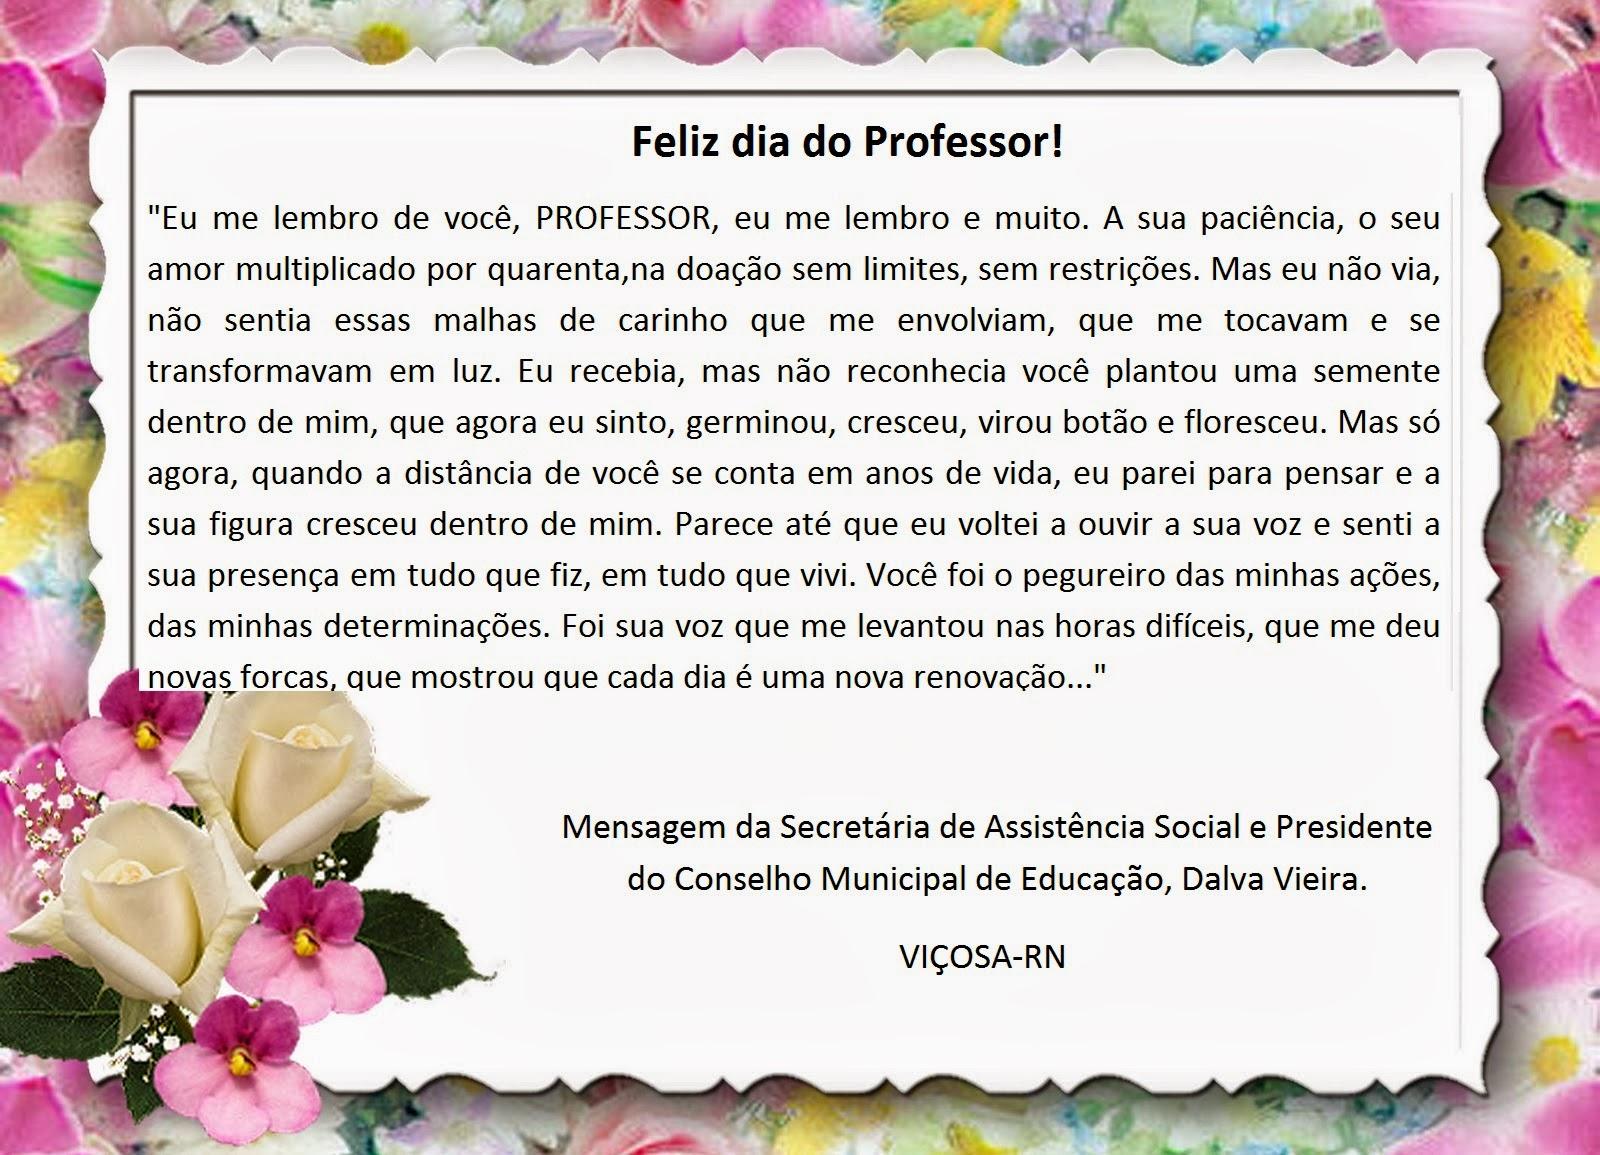 Muito VIÇOSA CLICK : Mensagem aos Professores. NB53